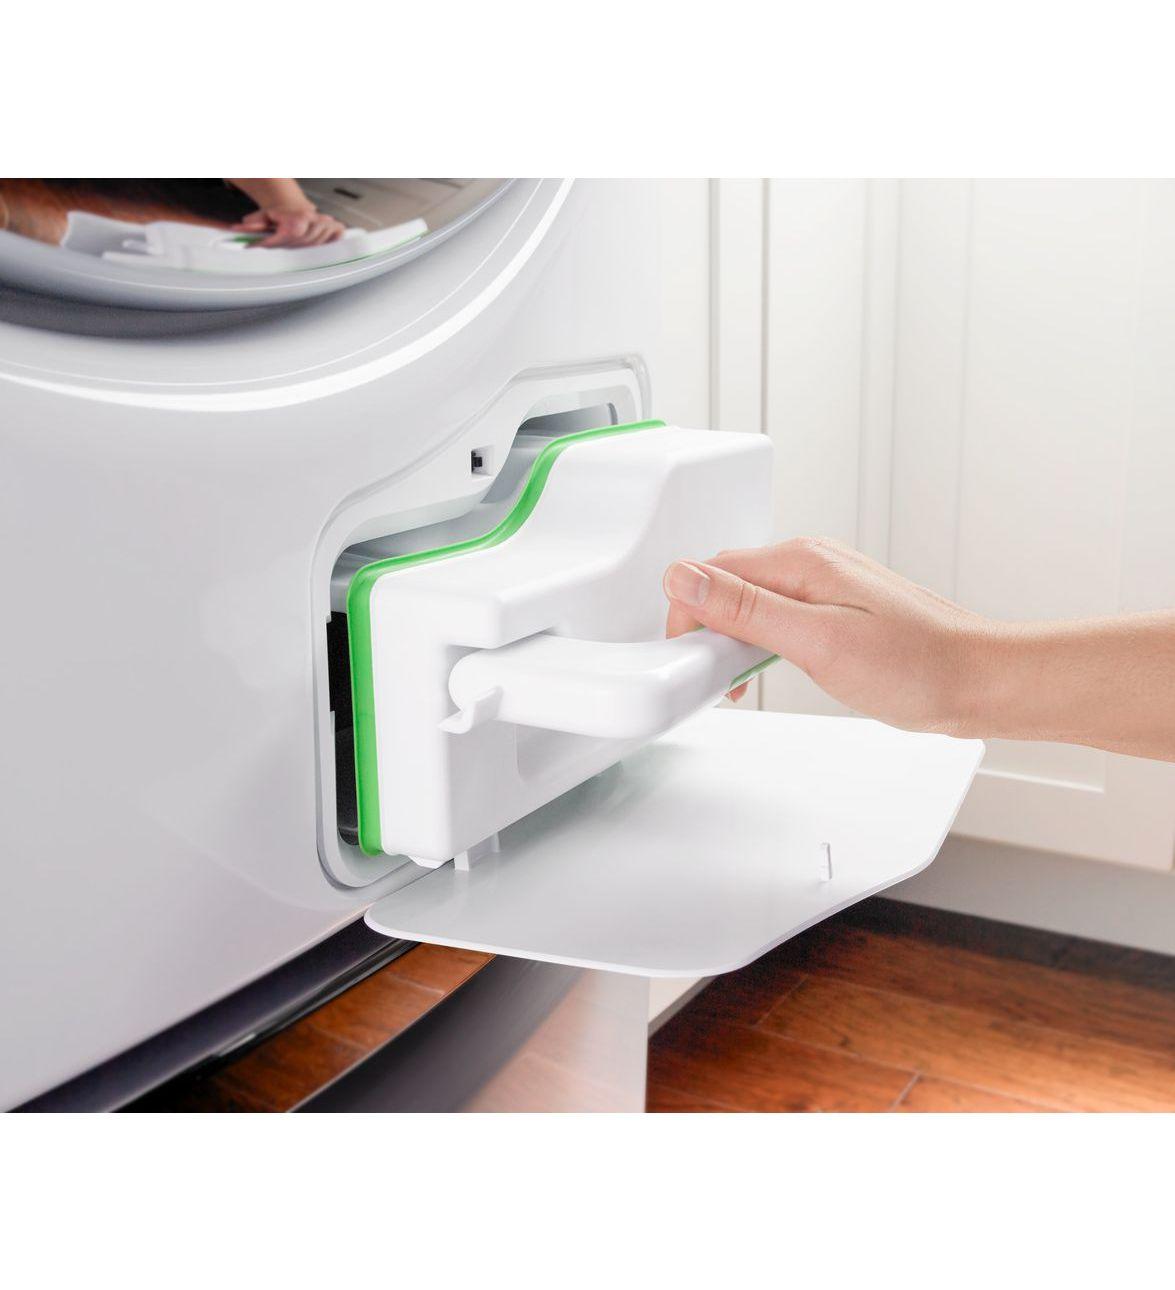 whirl-heat-pump-dryer-condensor